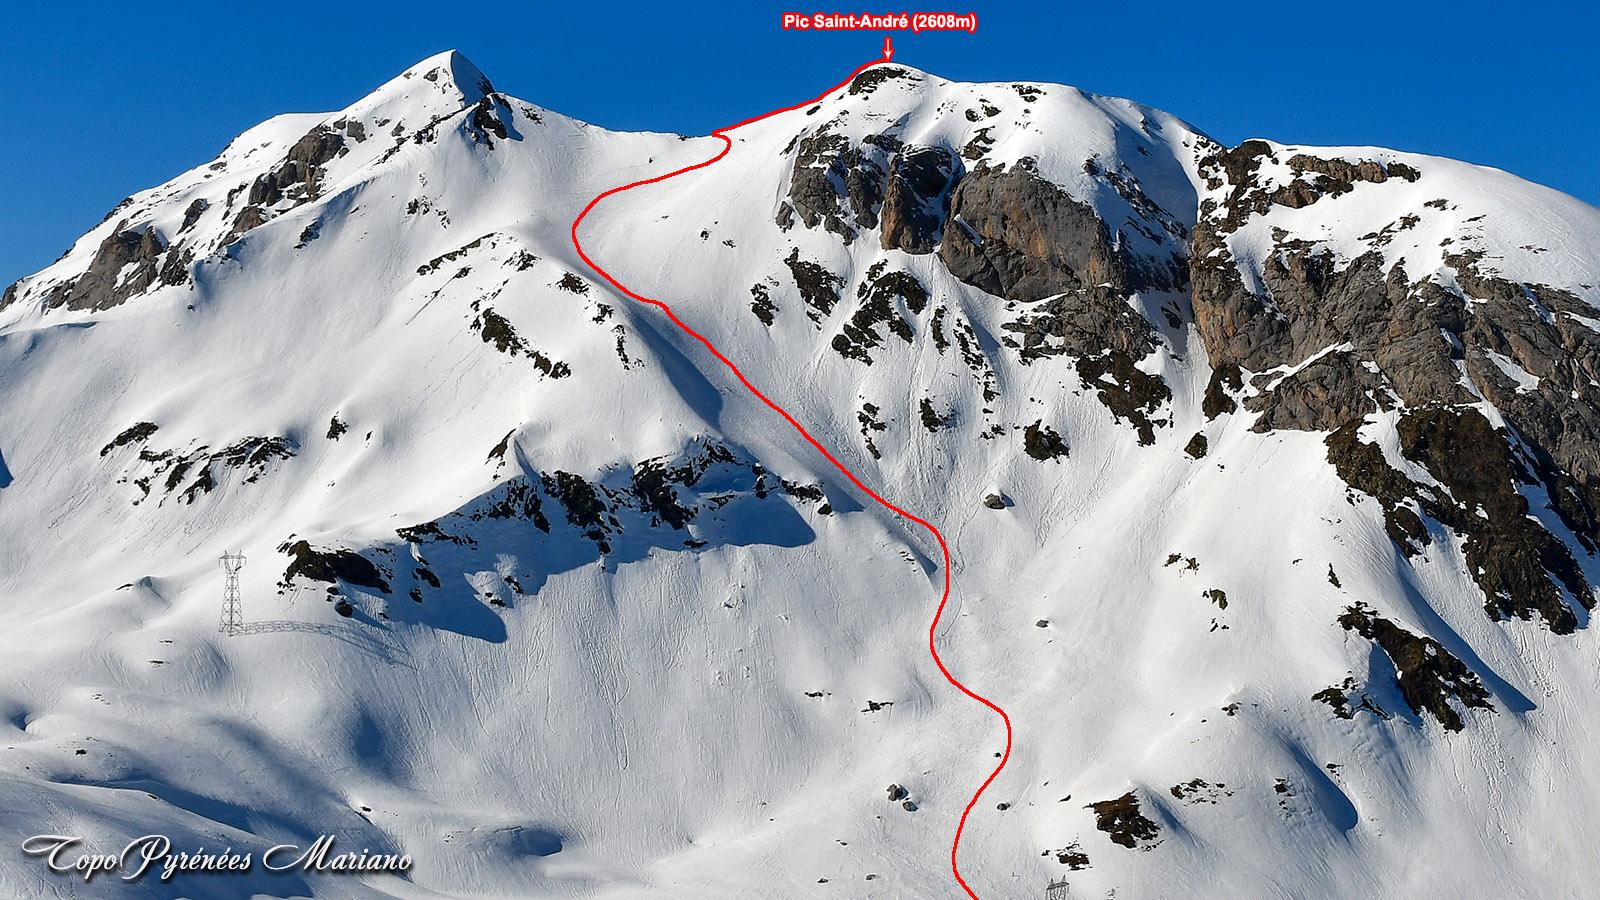 Sortie hivernale au Pic de Saint André (2608m)